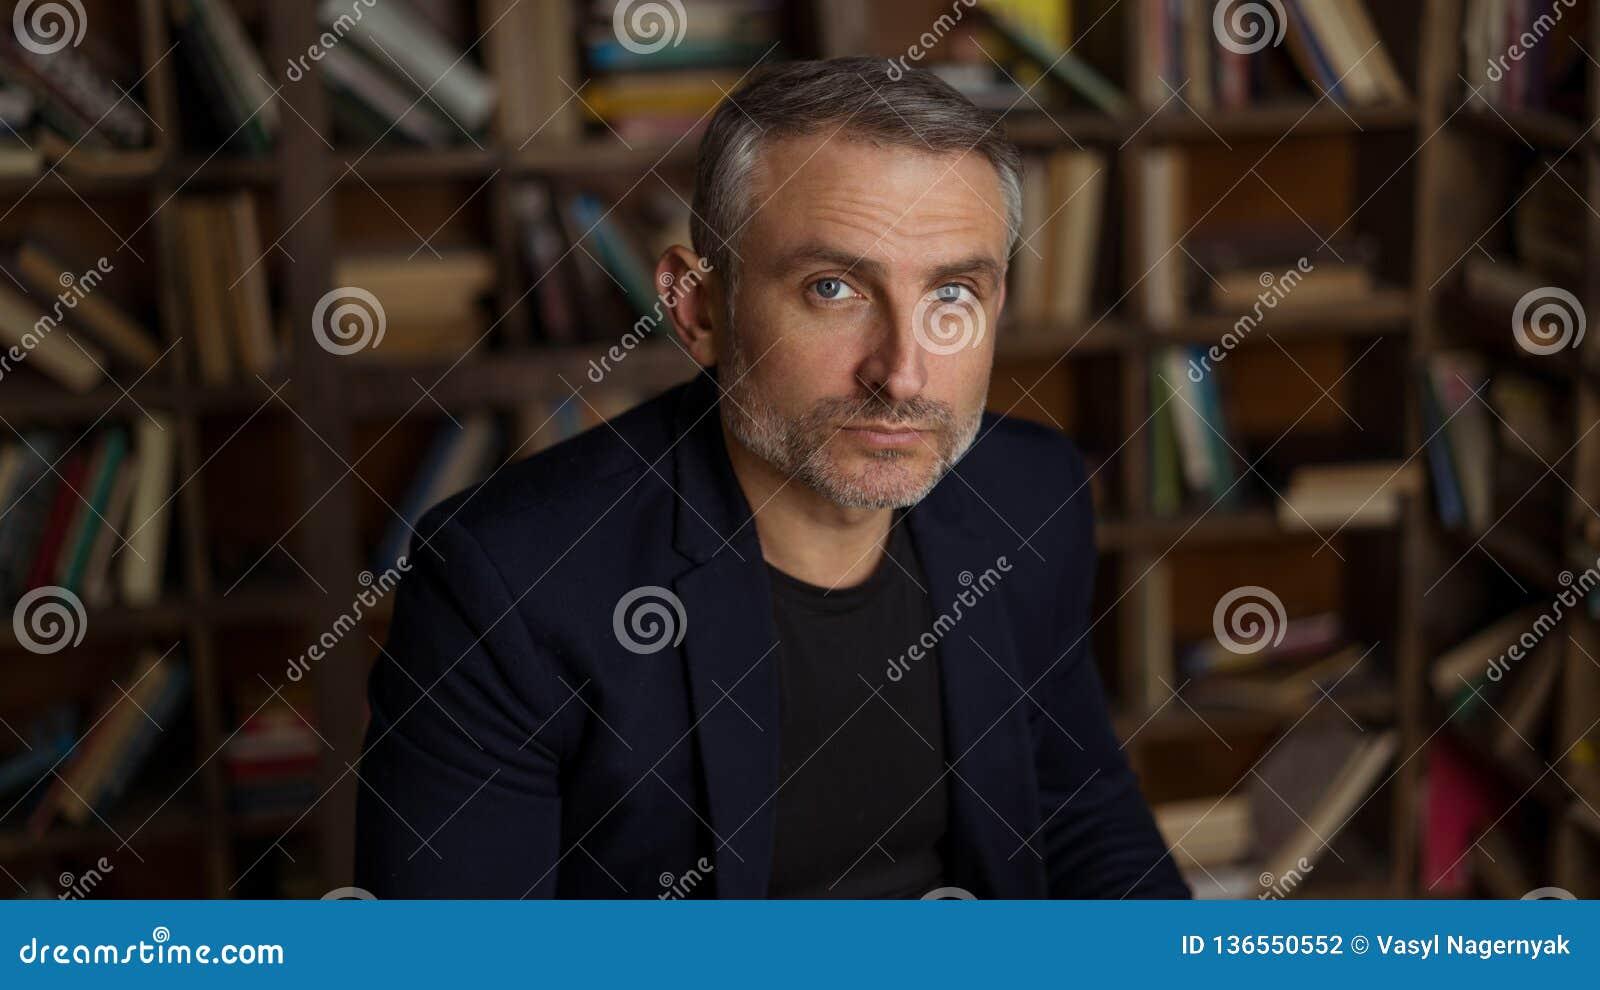 Haga frente a los hombres de 45 años con el pelo y la barba grises